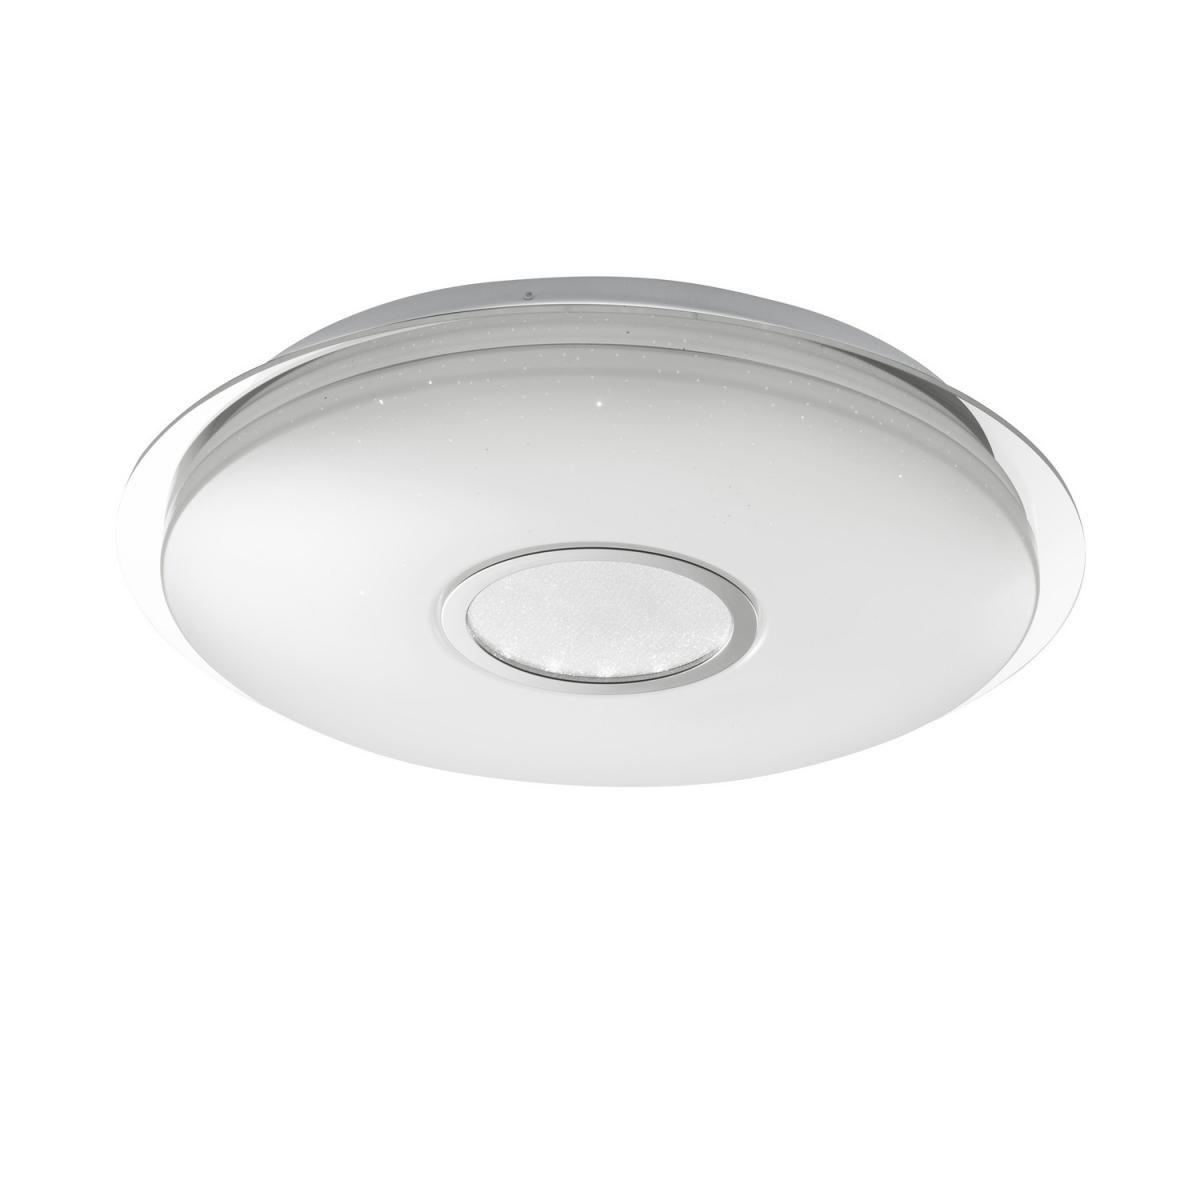 Deckenleuchten - LED Deckenleuchte, weiß  - Onlineshop Hellweg